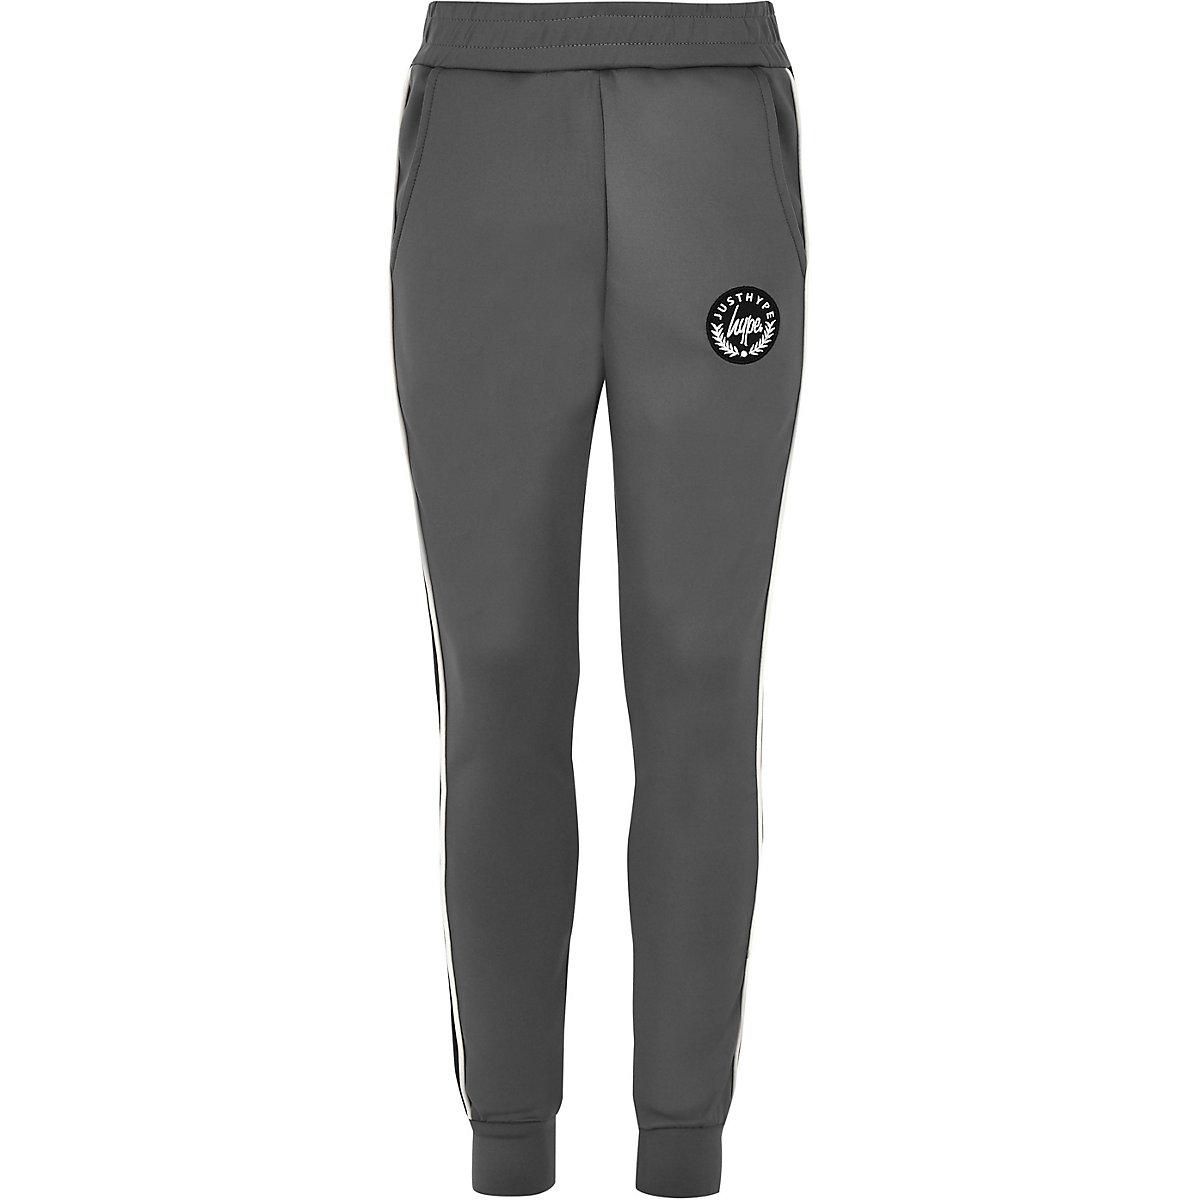 Hype – Pantalon de jogging gris pour garçon